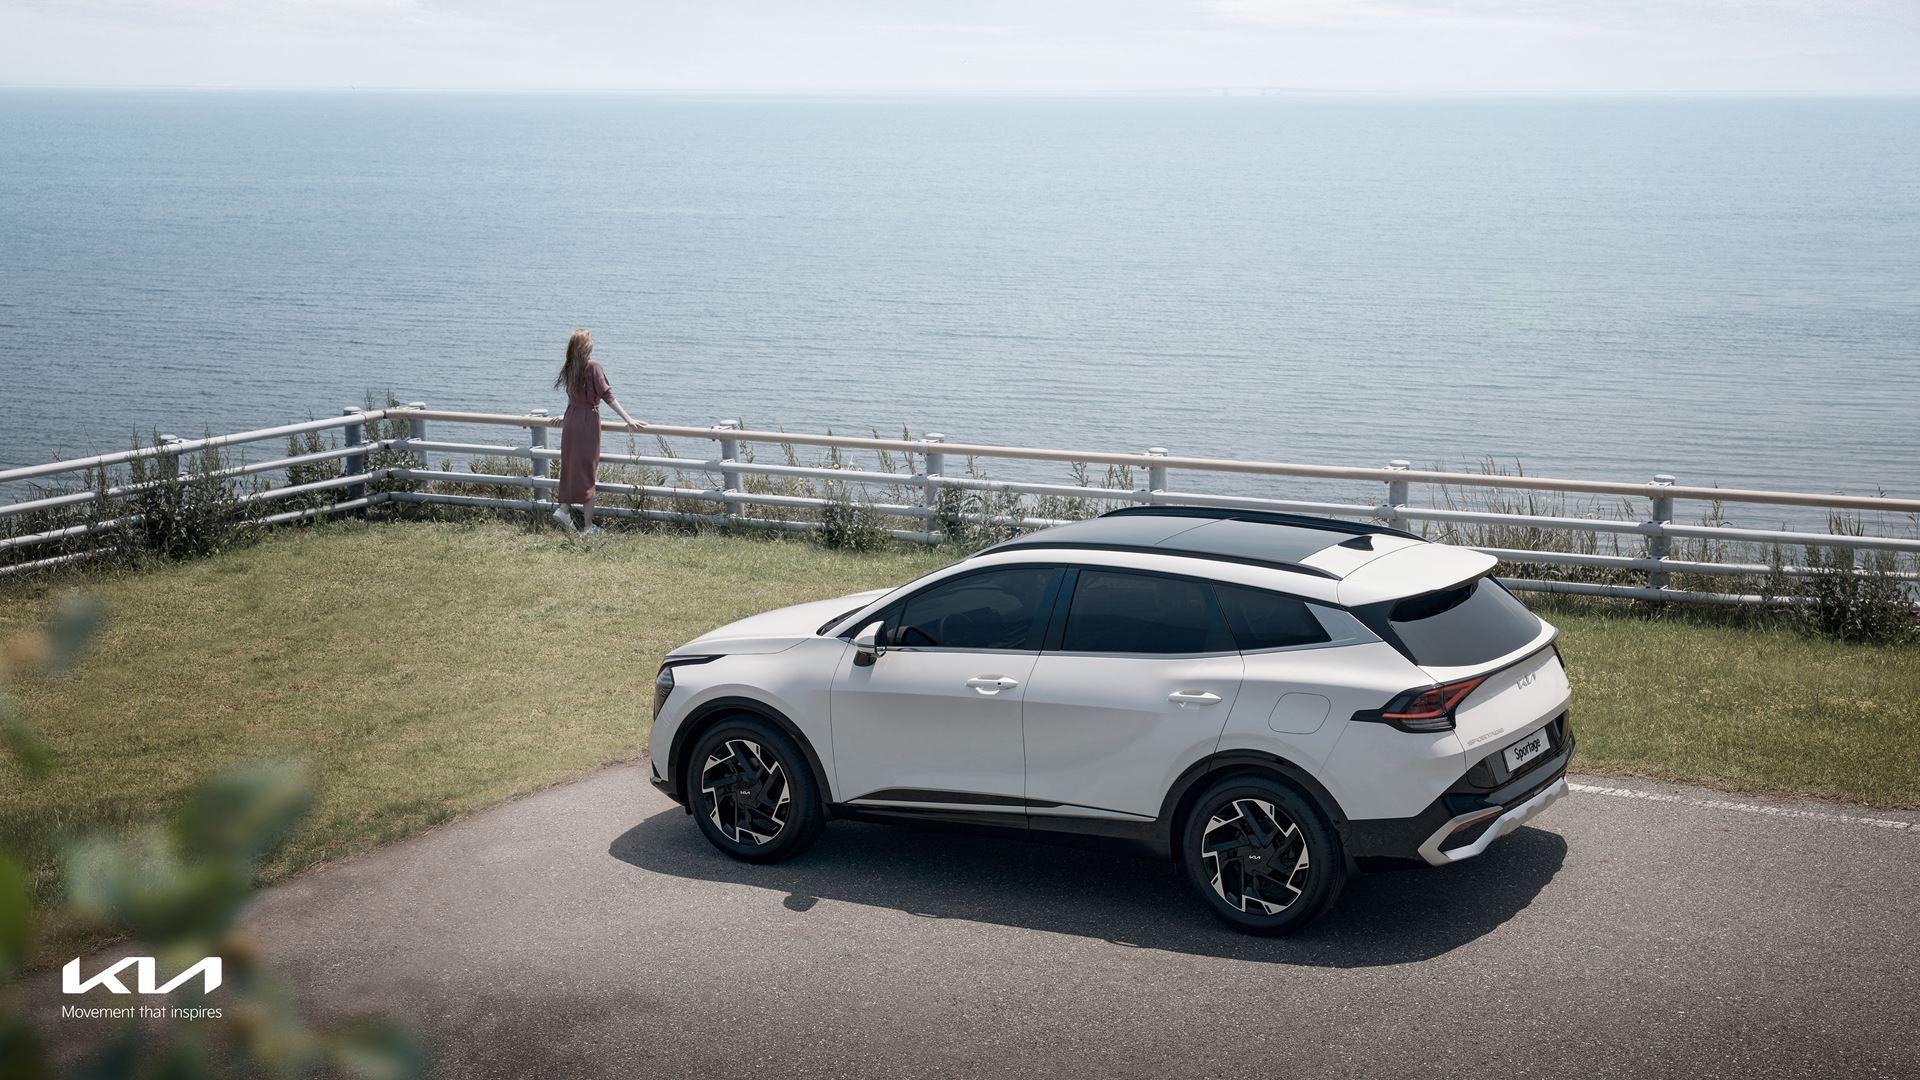 Kia presents all-new Sportage, the ultimate urban SUV - Image 4